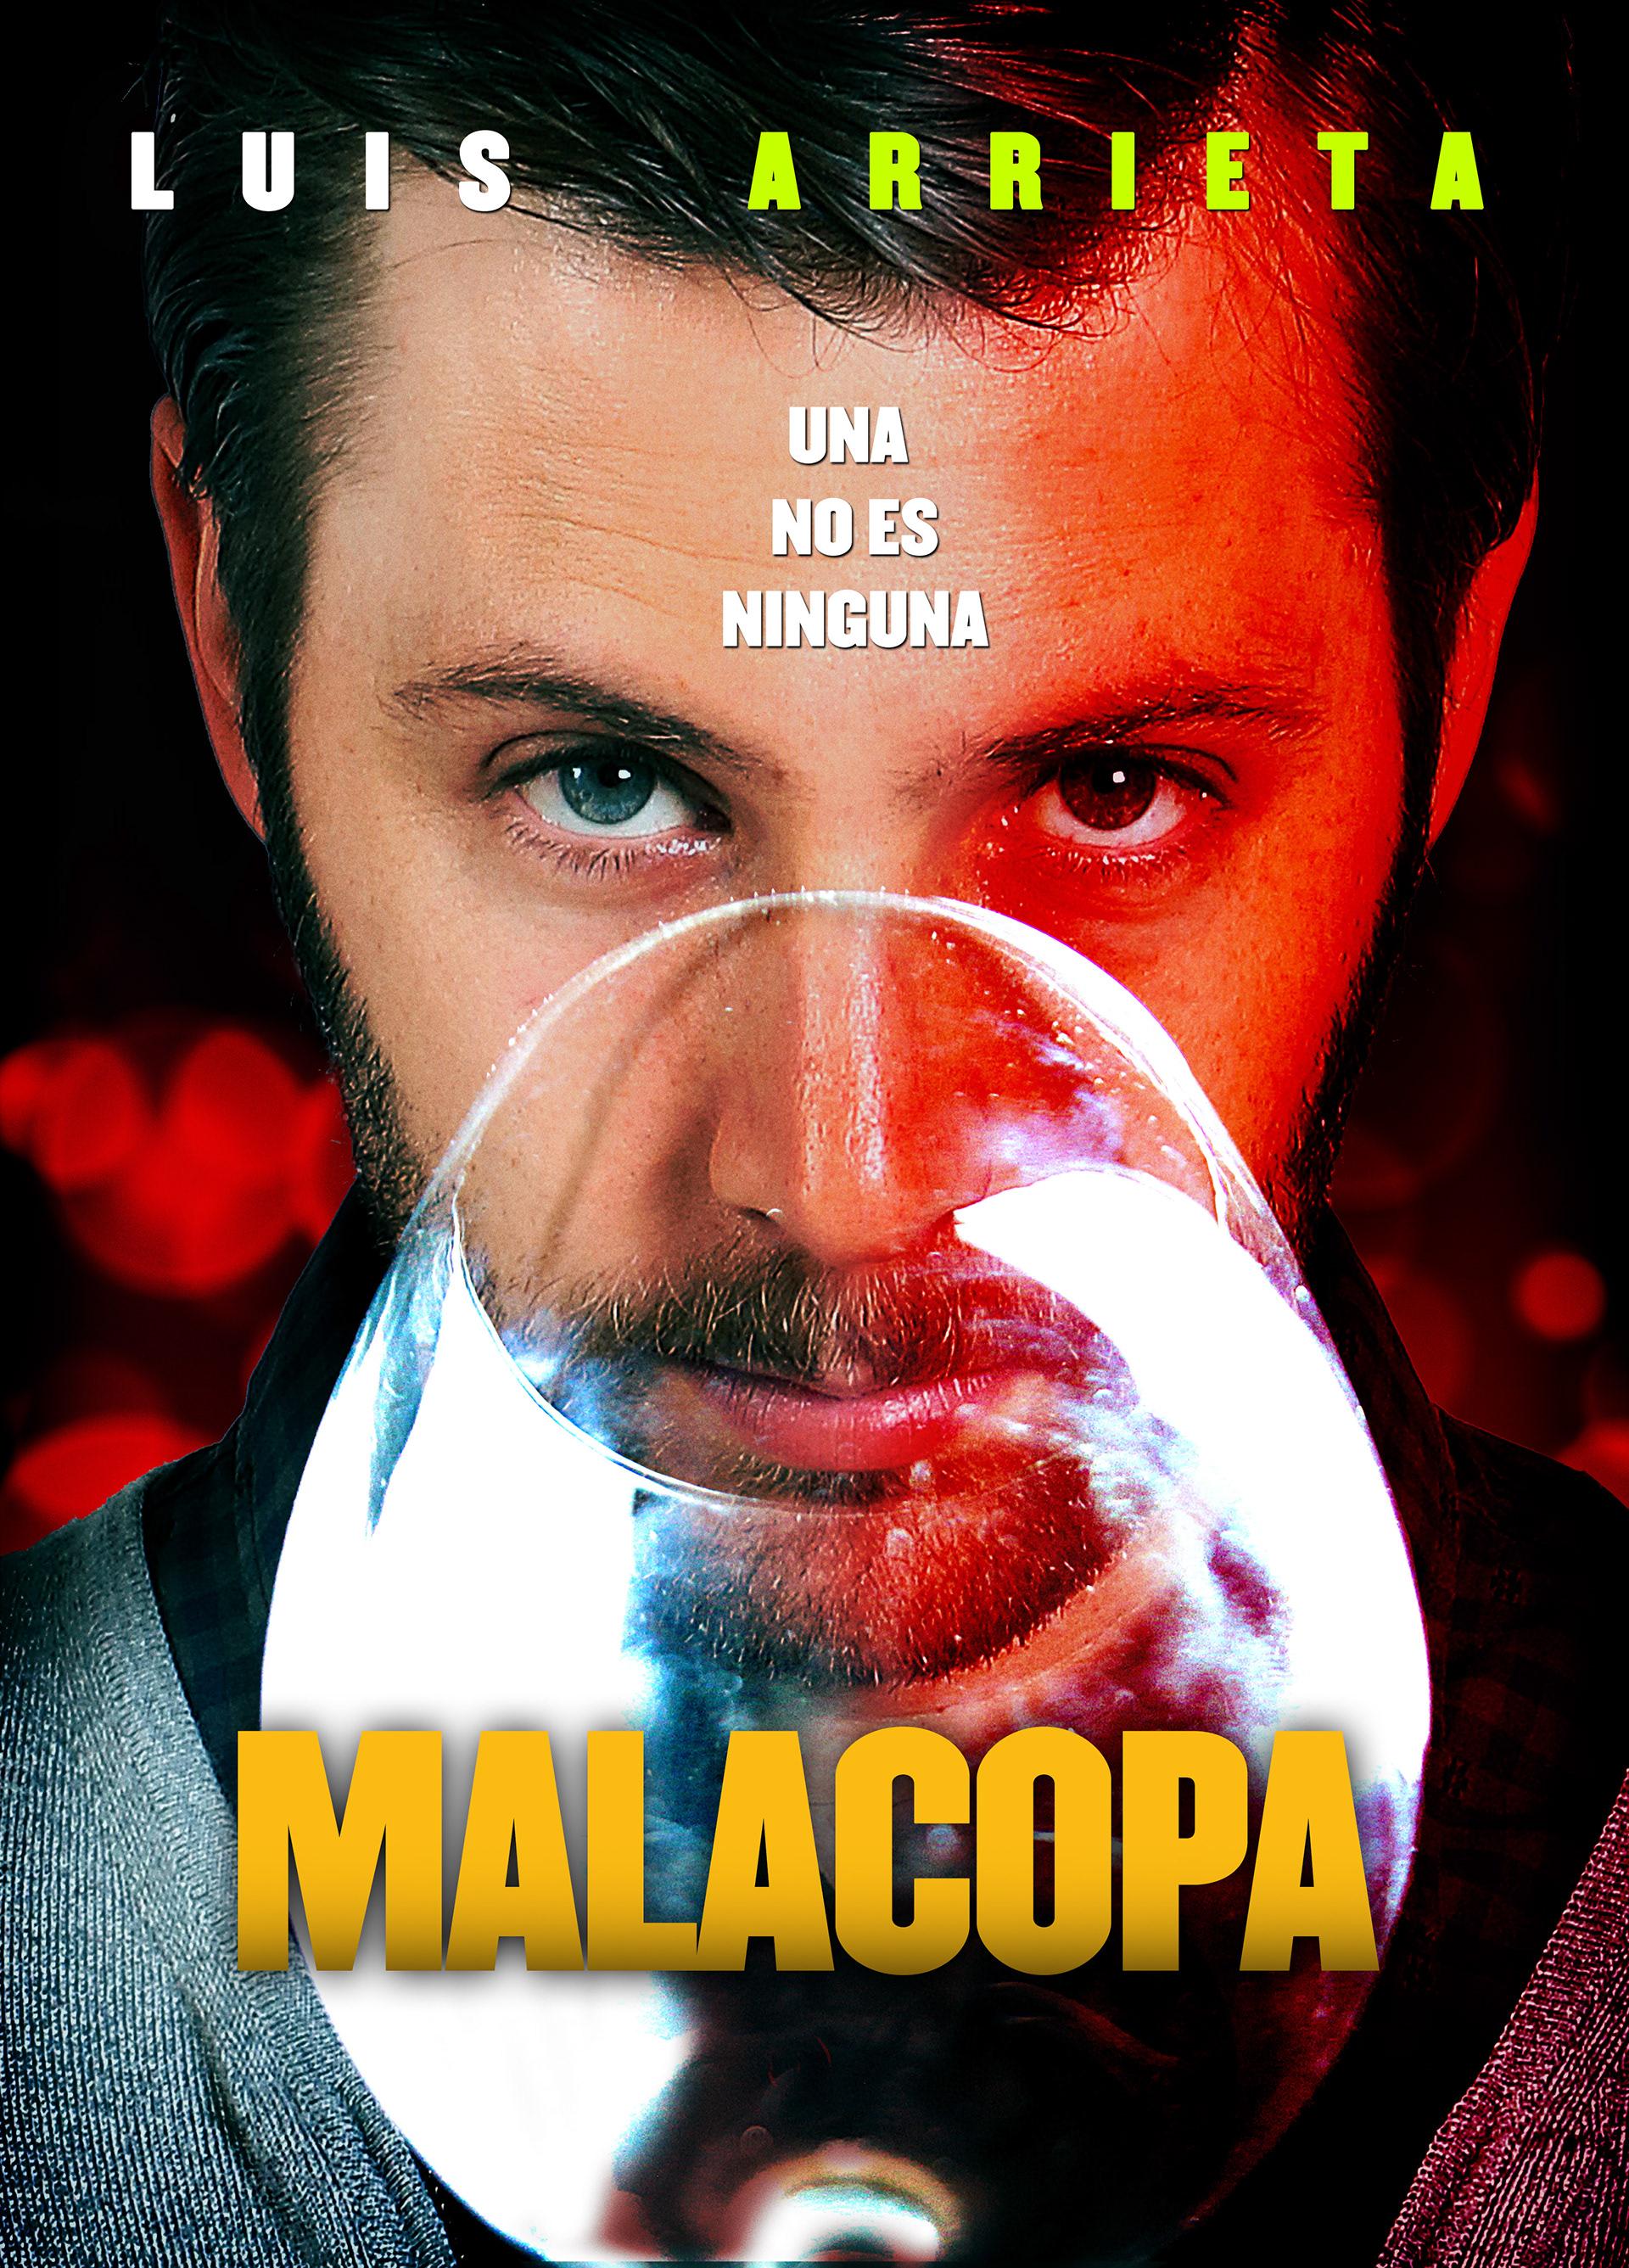 Póster oficial Malacopa